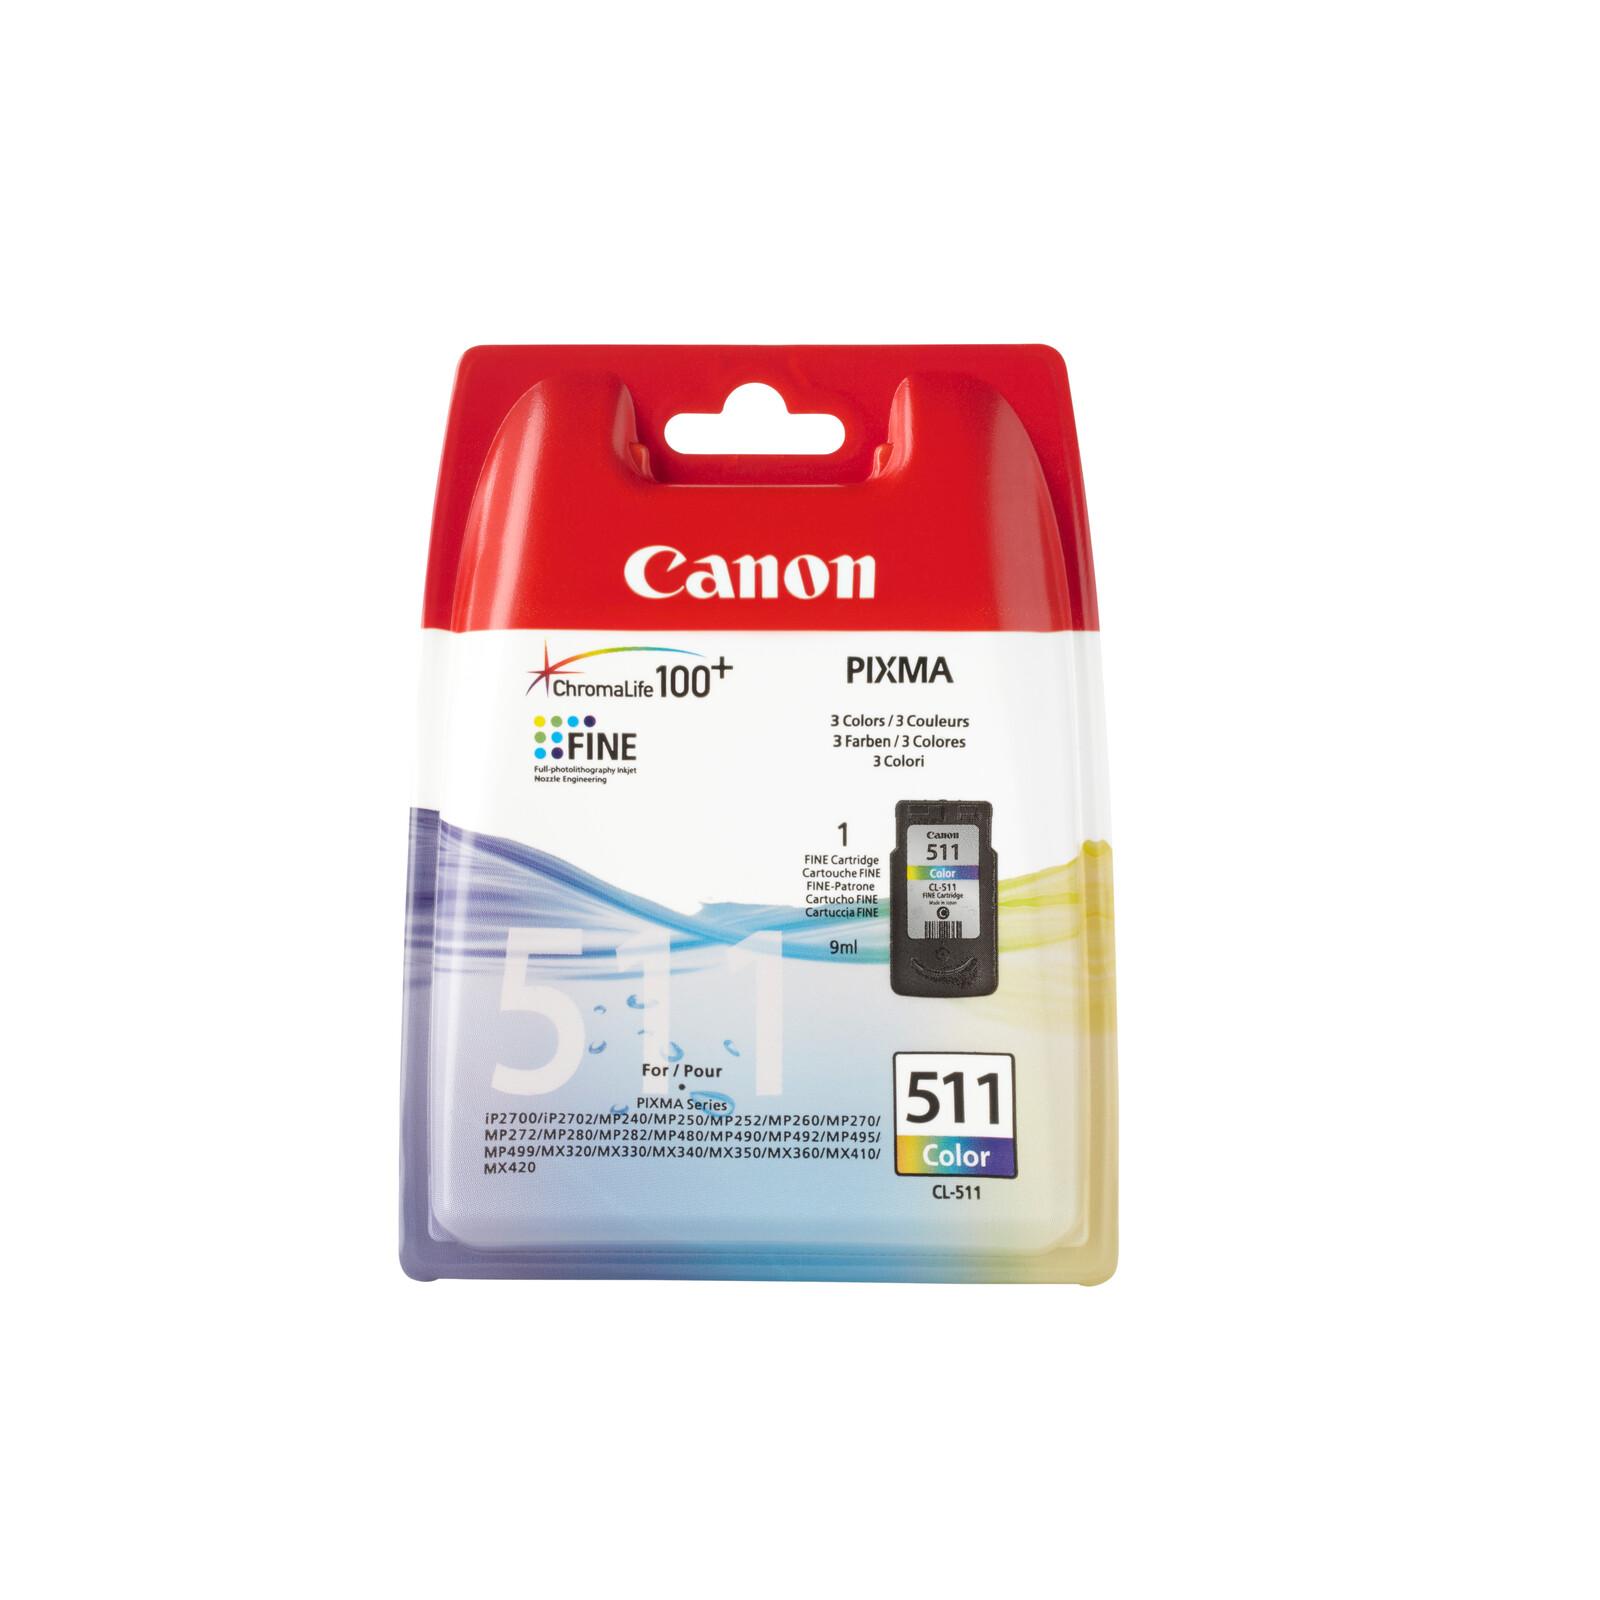 Canon CL-511 Tinte color 9ml